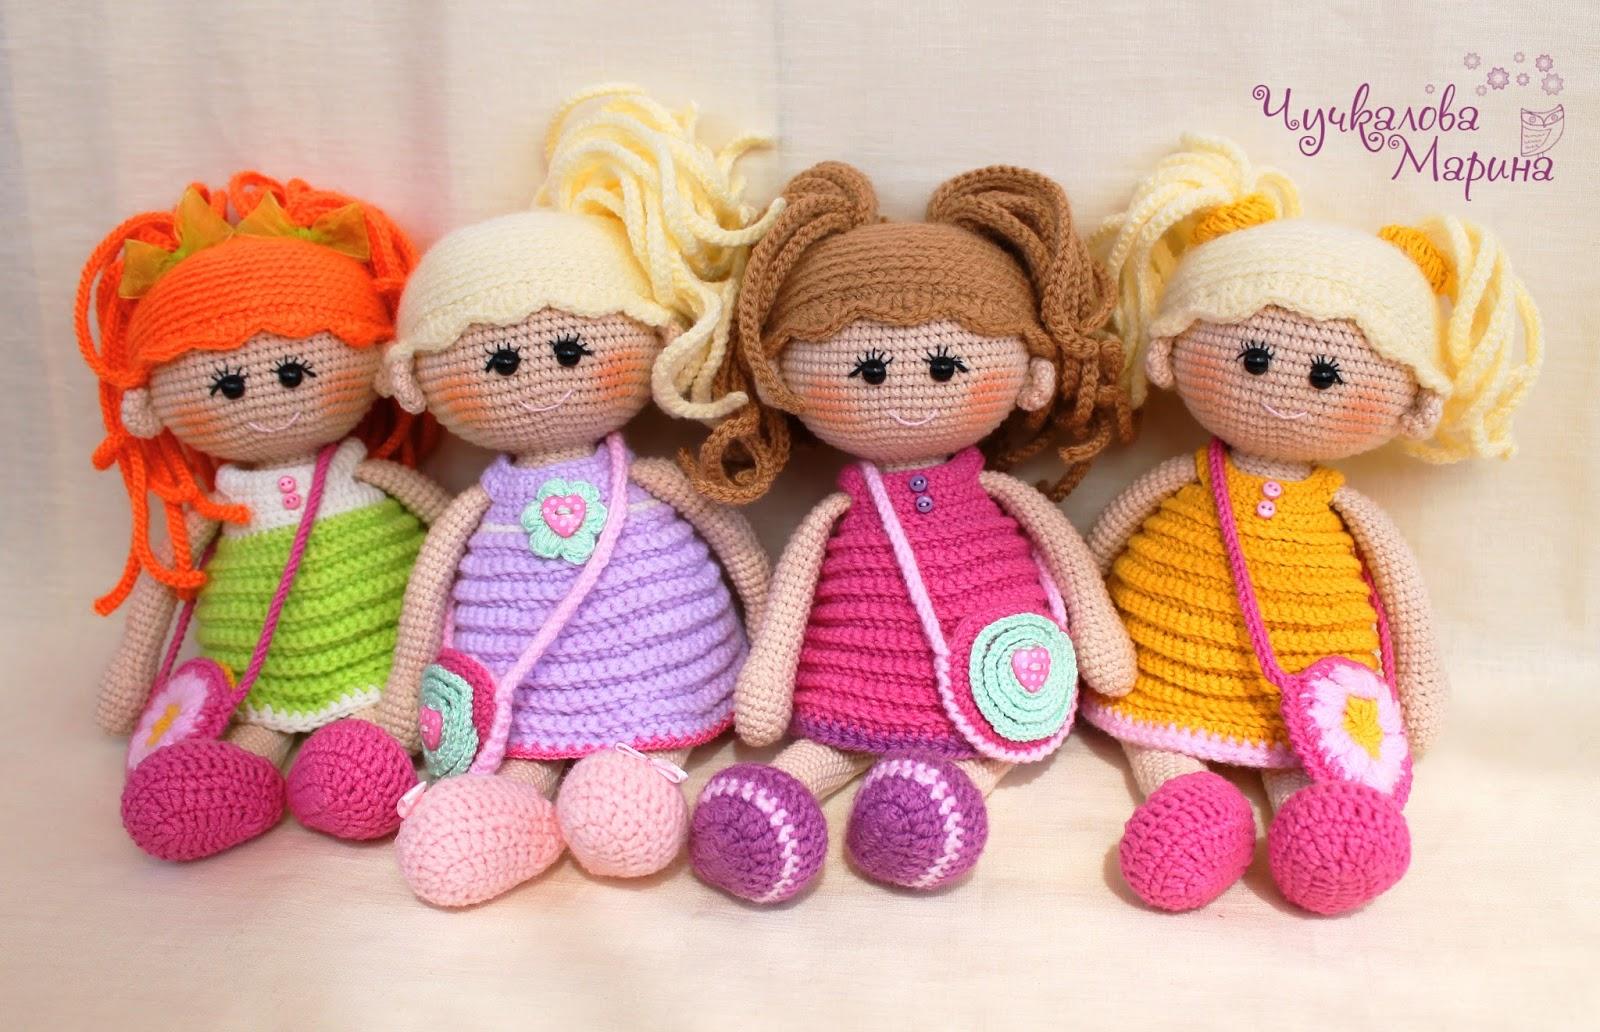 Вязание игрушек крючком кукол